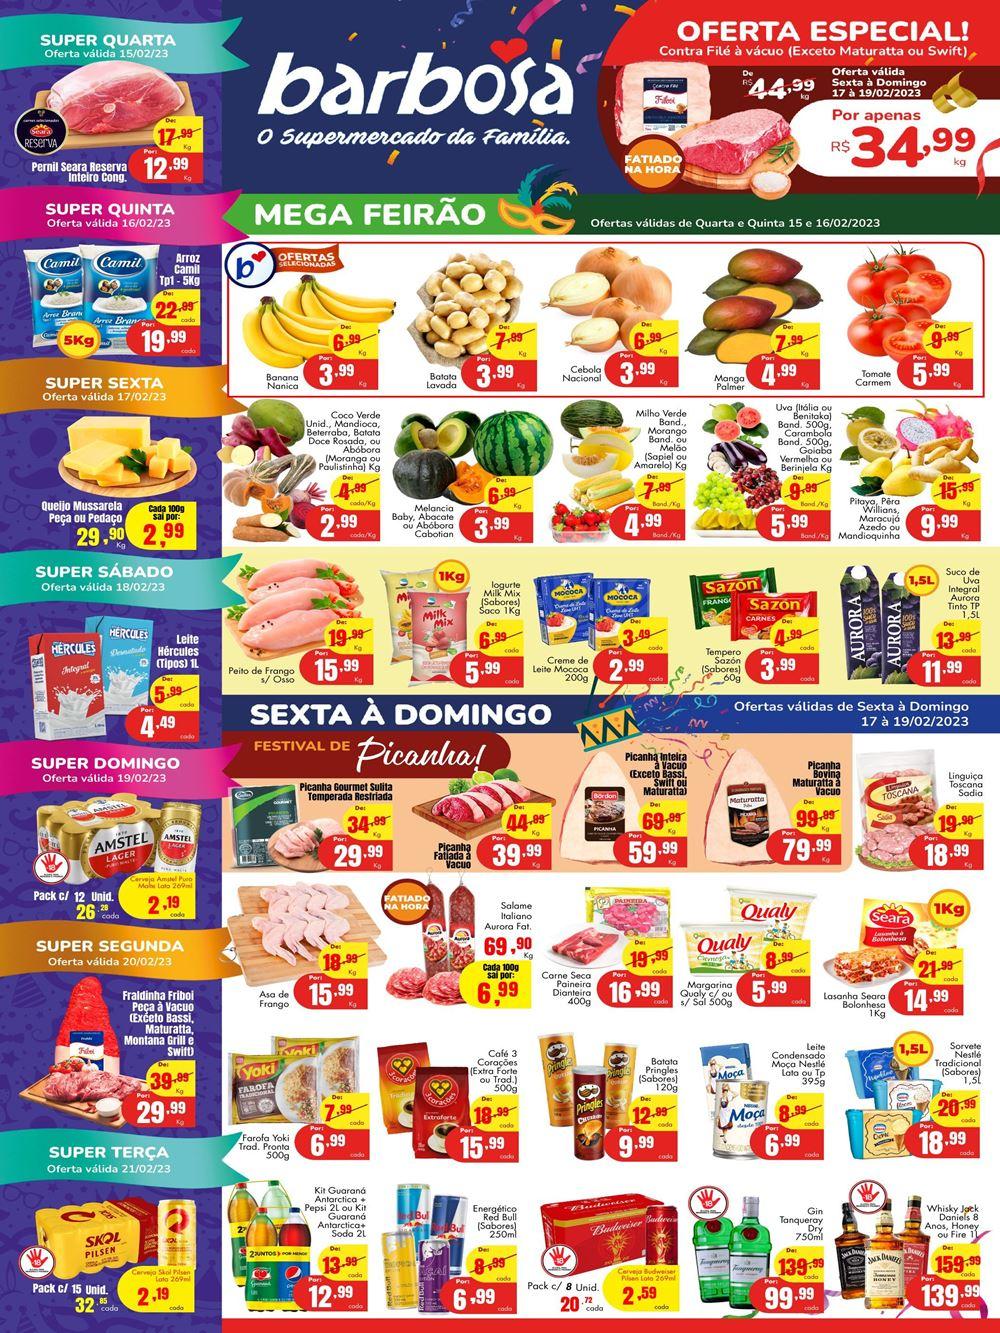 barbosa-ofertas-descontos-hoje1-14 Ofertas de supermercados